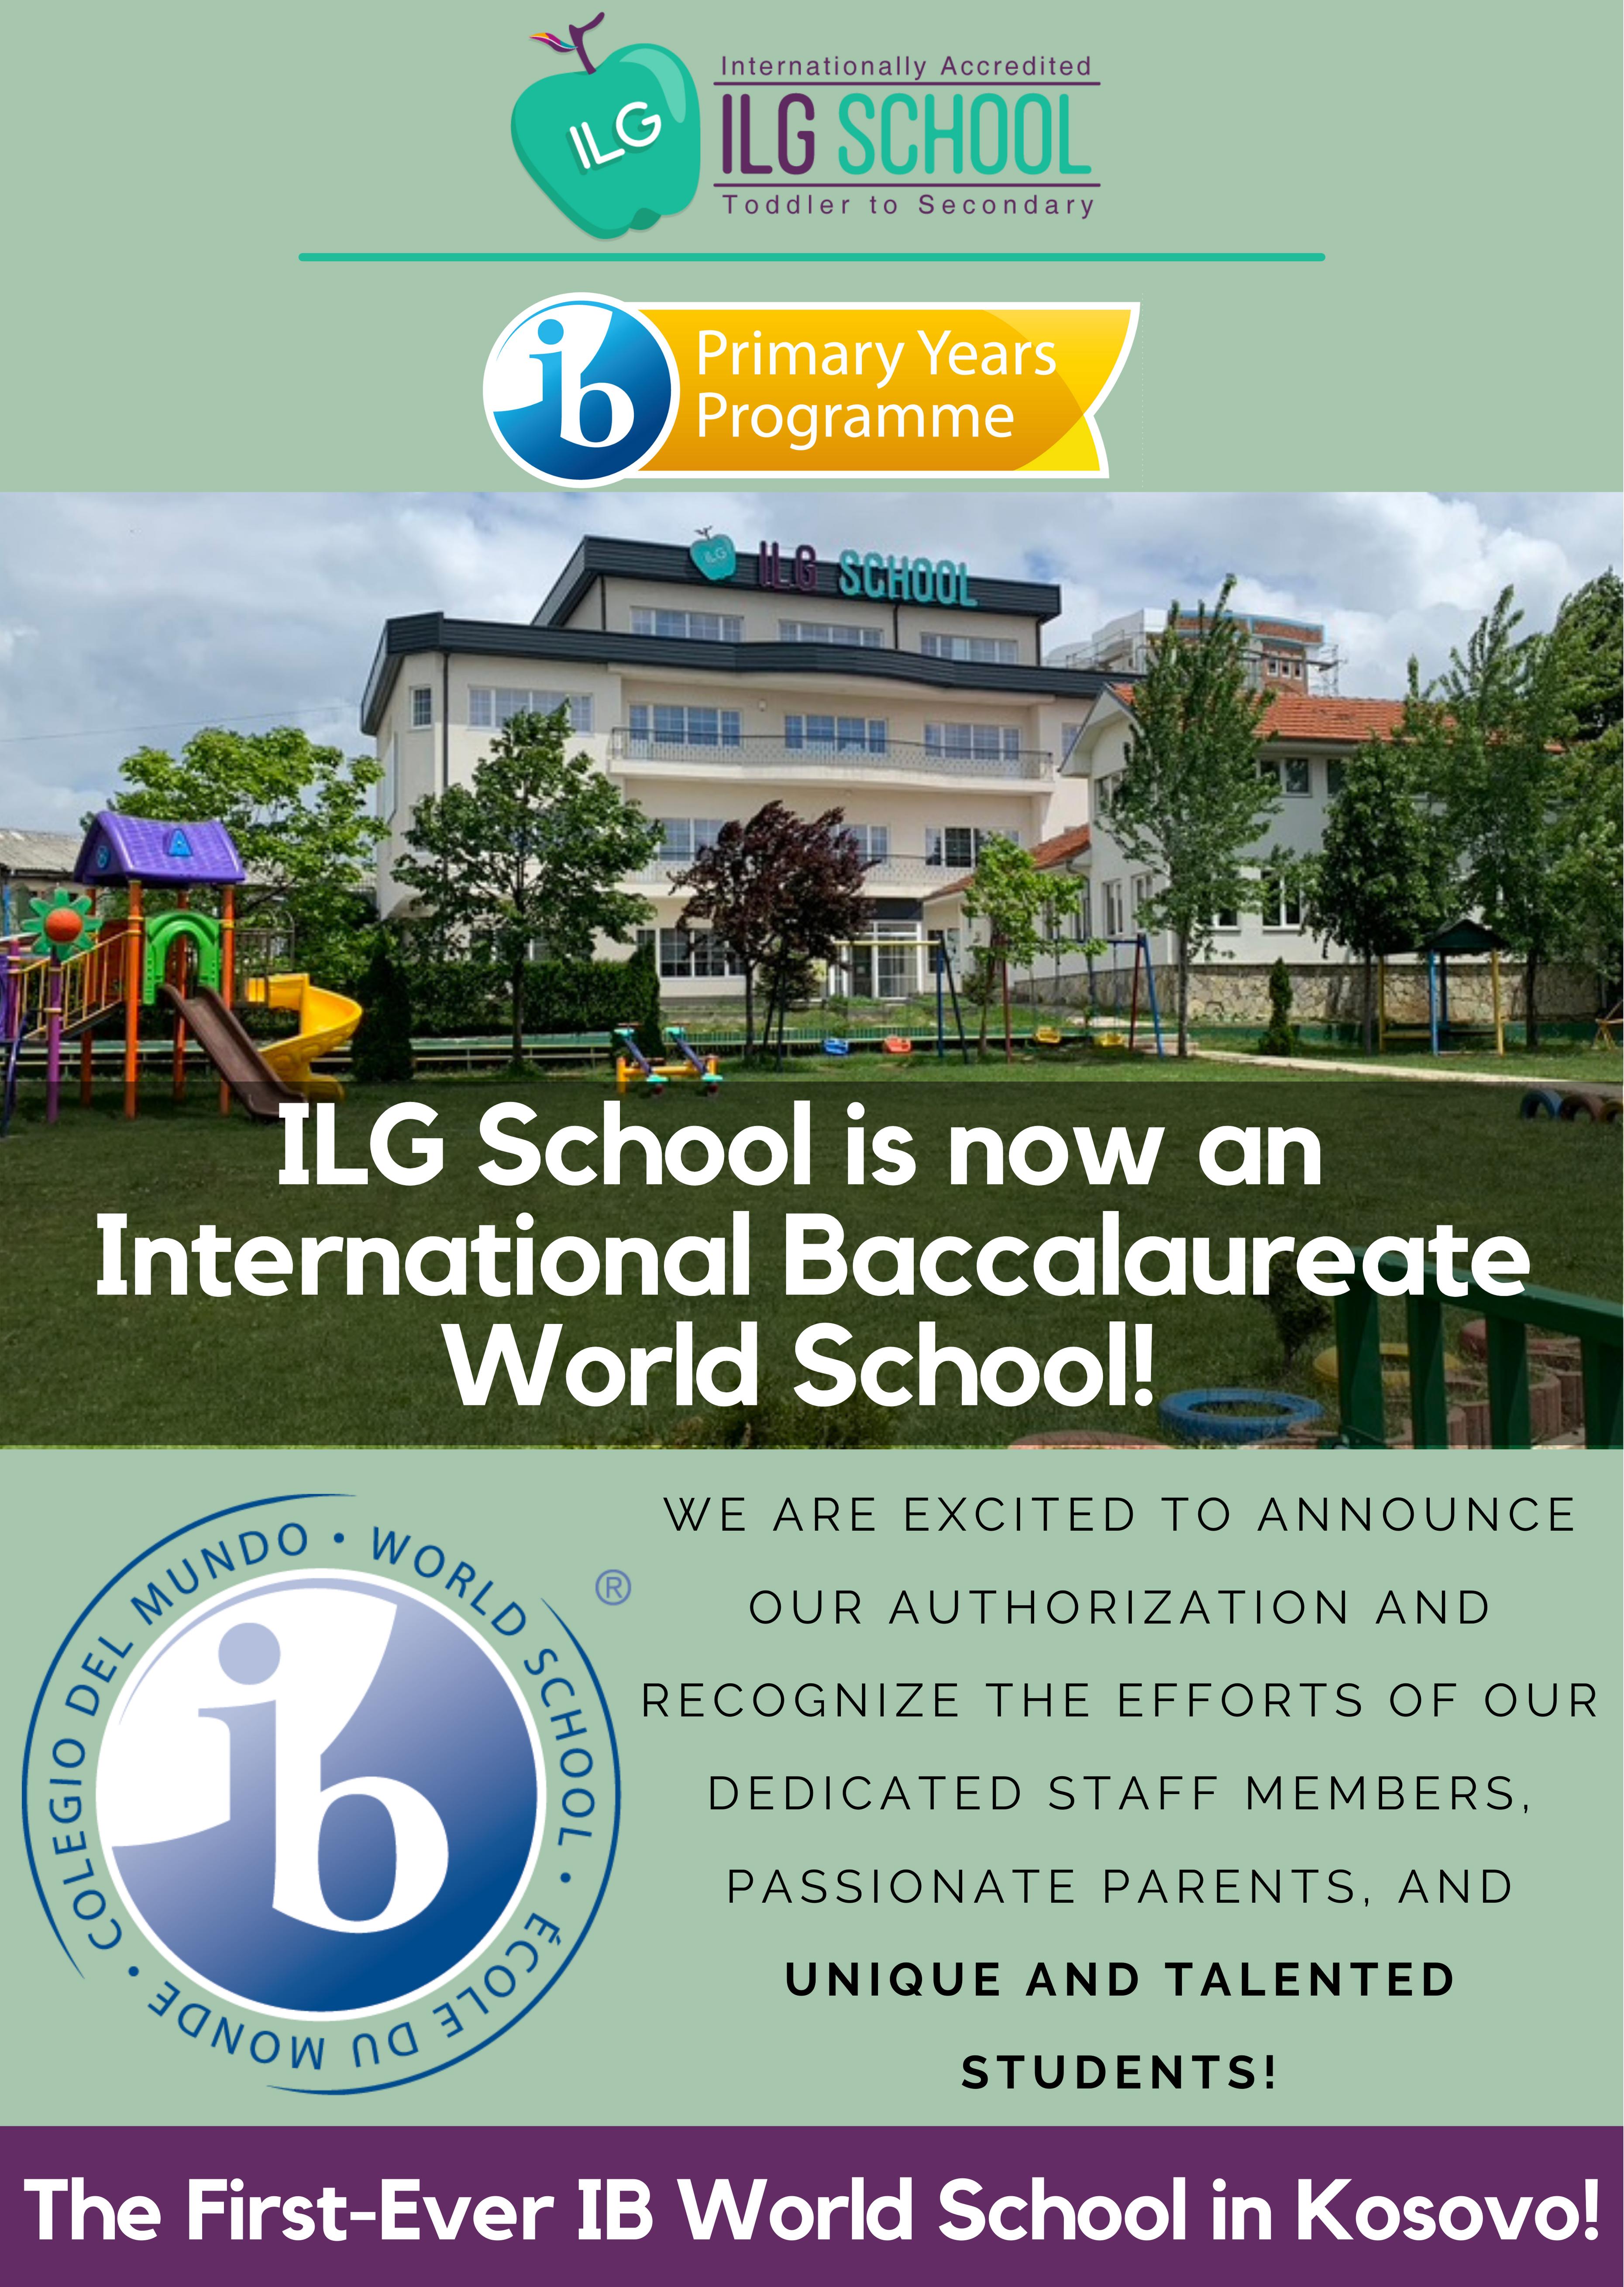 IB SCHOOL - KOSOVO